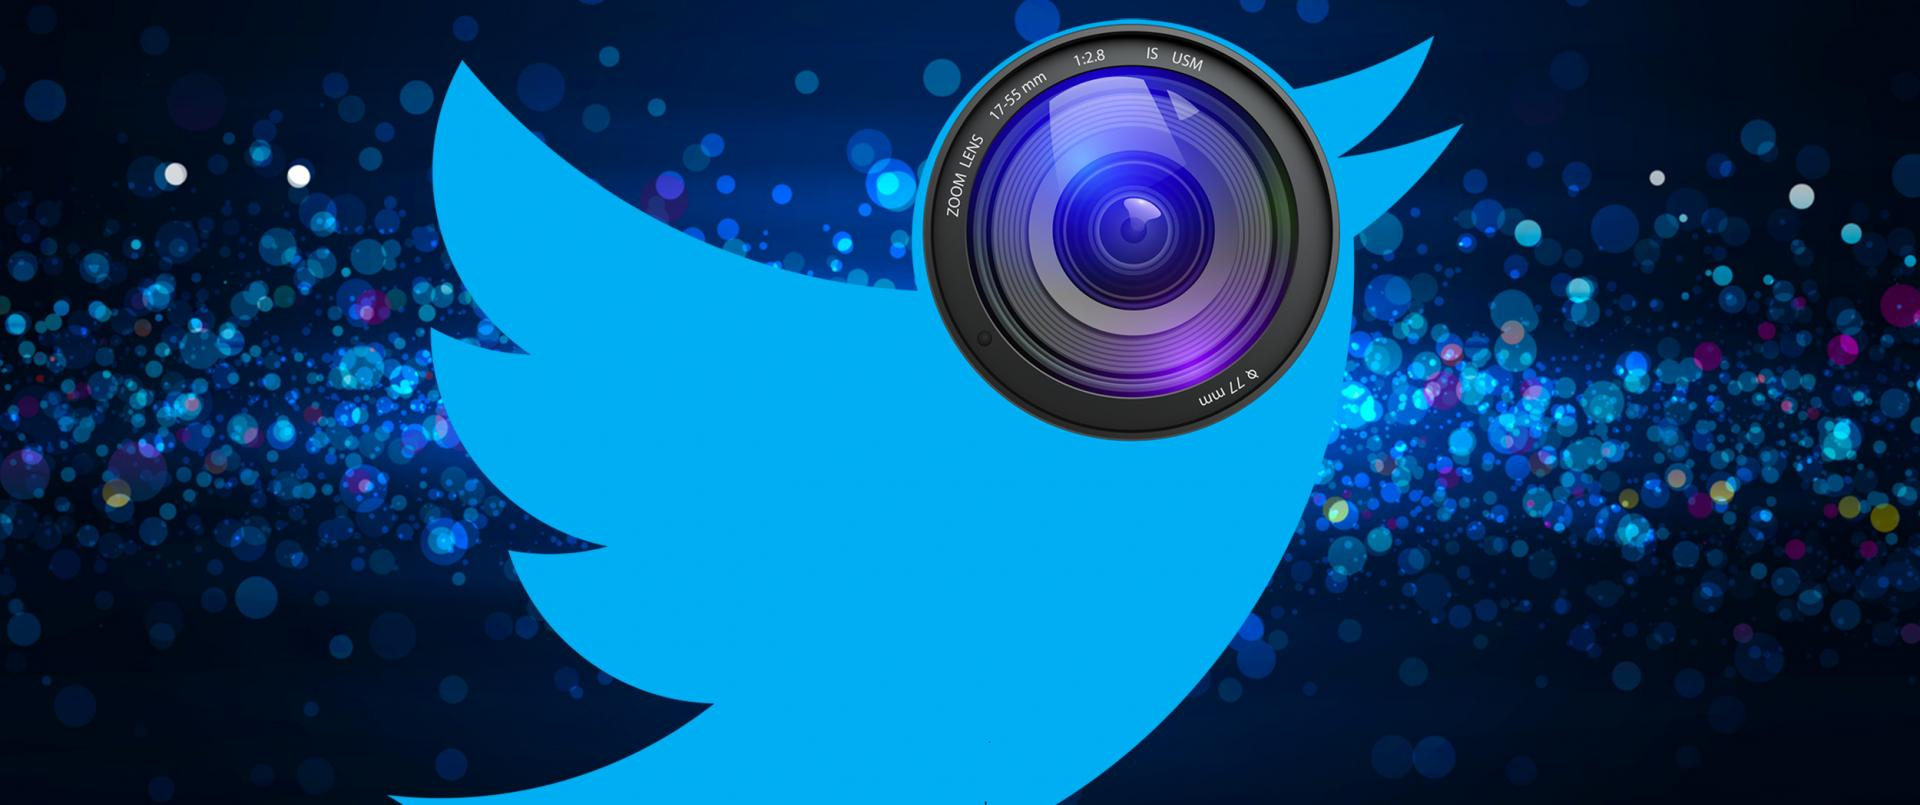 Twitter, nuova funzione fotocamera per competere con Snapchat